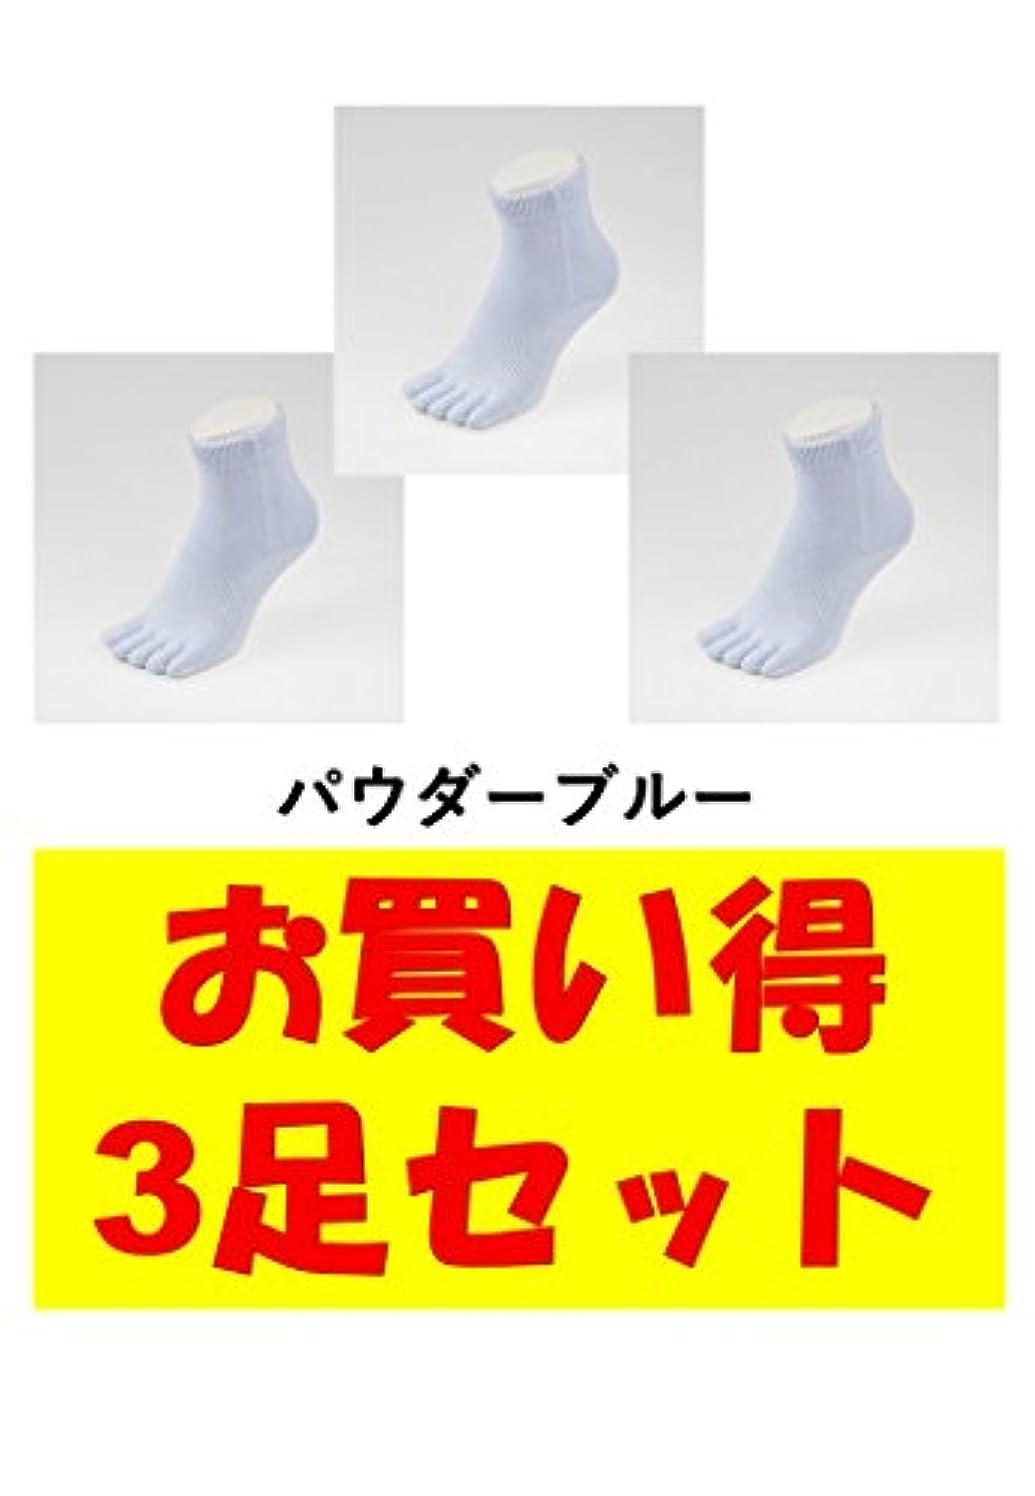 また明日ねミニボックスお買い得3足セット 5本指 ゆびのばソックス Neo EVE(イヴ) パウダーブルー Sサイズ(21.0cm - 24.0cm) YSNEVE-PBL